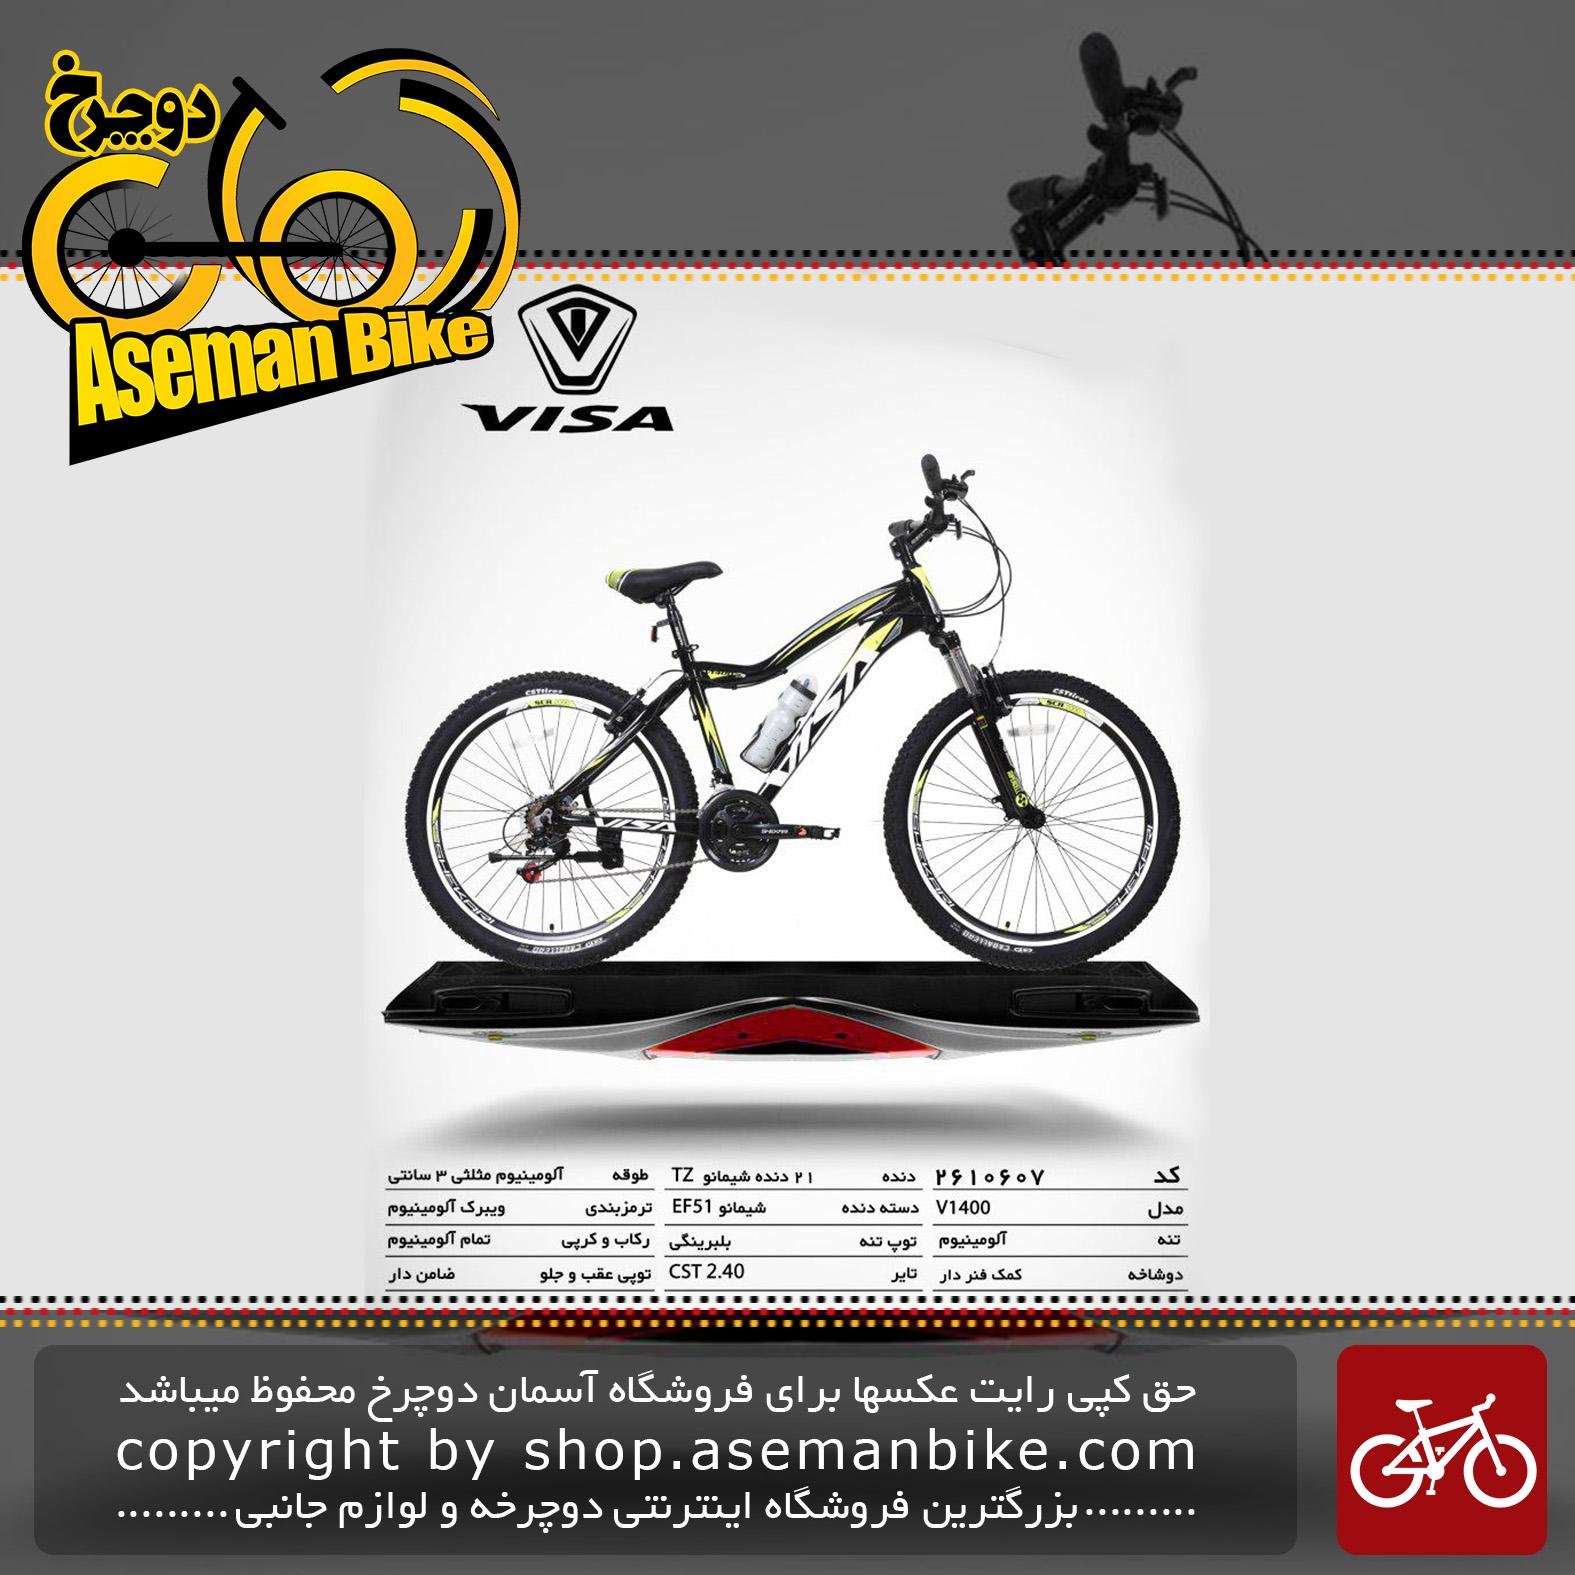 دوچرخه کوهستان ویزا21 دنده شیمانو تورنی تنه آلومینیوم سایز26مدل وی1400 visa bicycle 26 21 speed shimano tourney tz aluminum vb v1400 2019